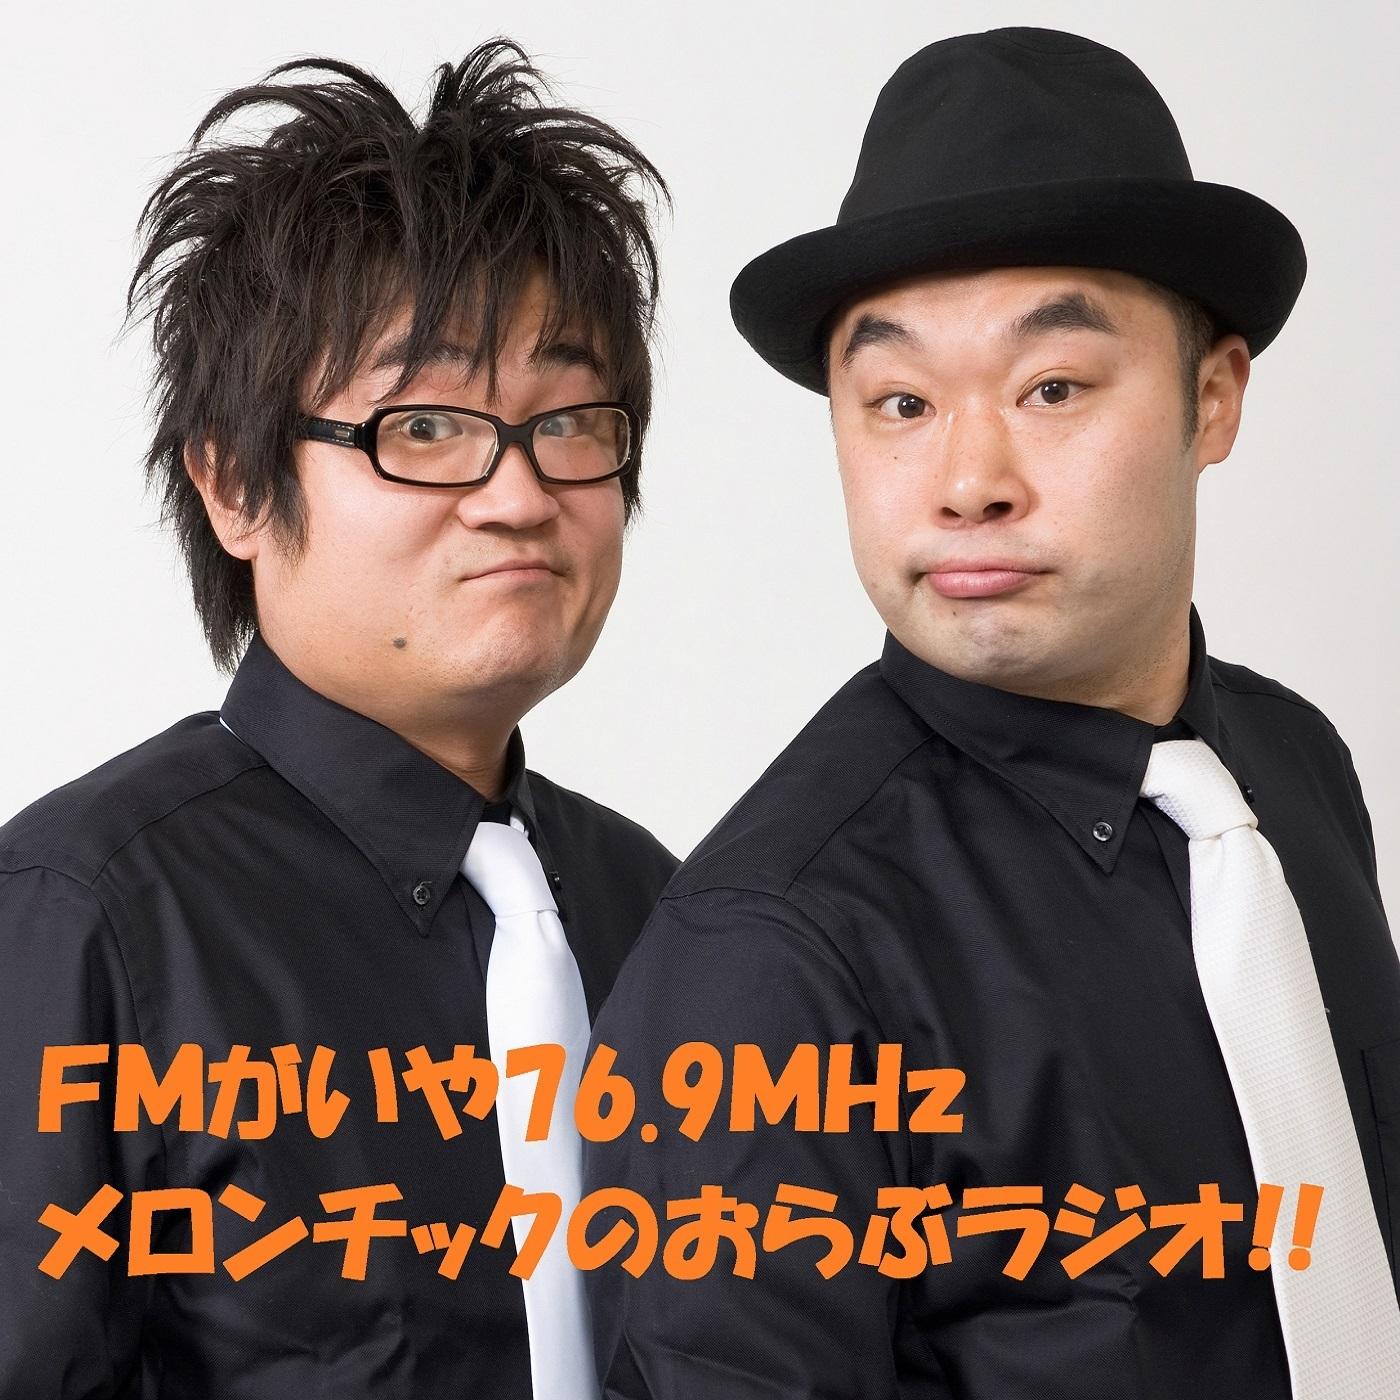 FMがいや76.9MHzメロンチックのおらぶラジオ!!